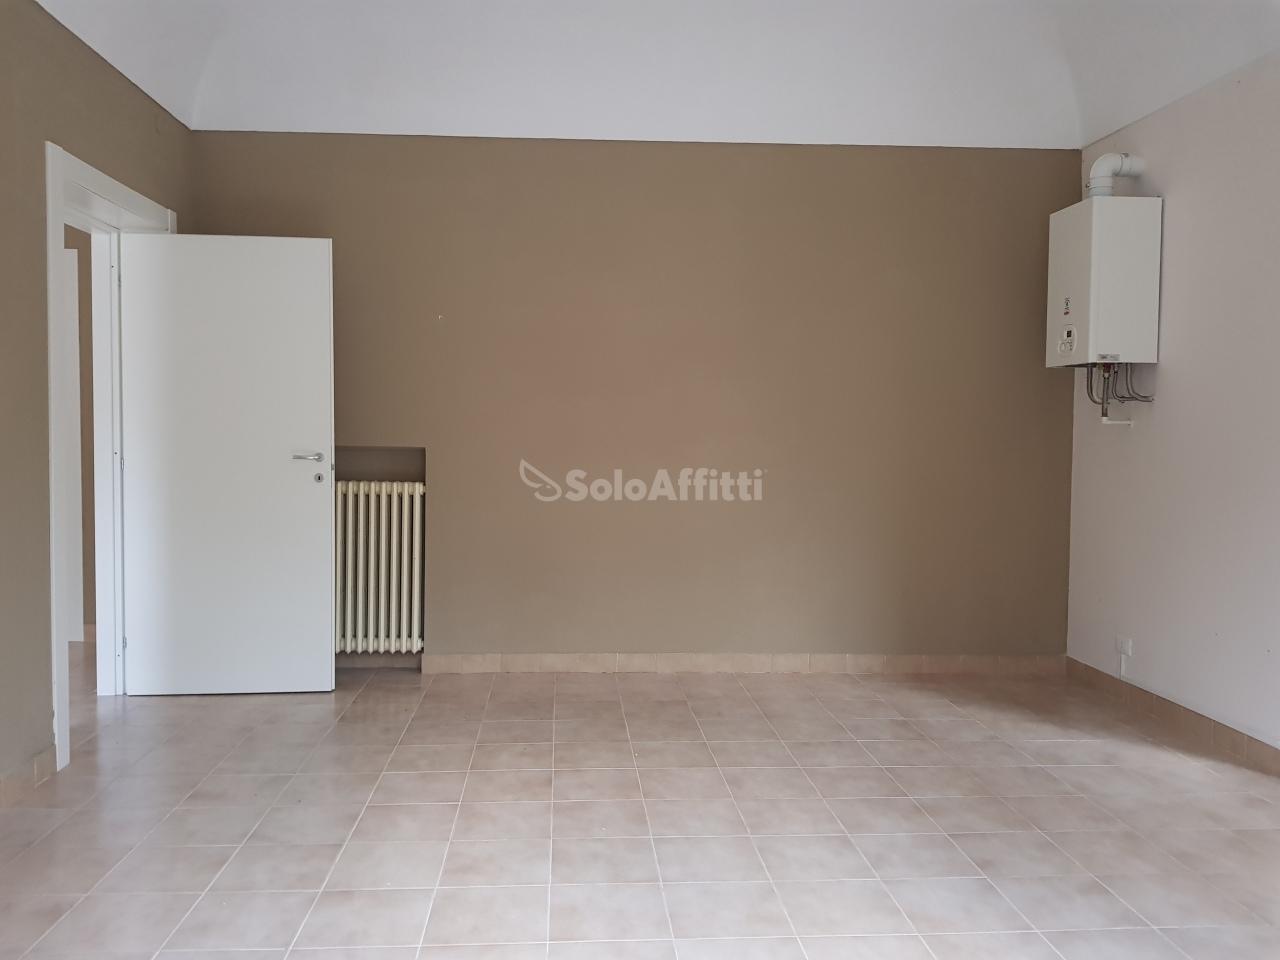 Appartamento - Bilocale a Viale G. Bovio, Pescara